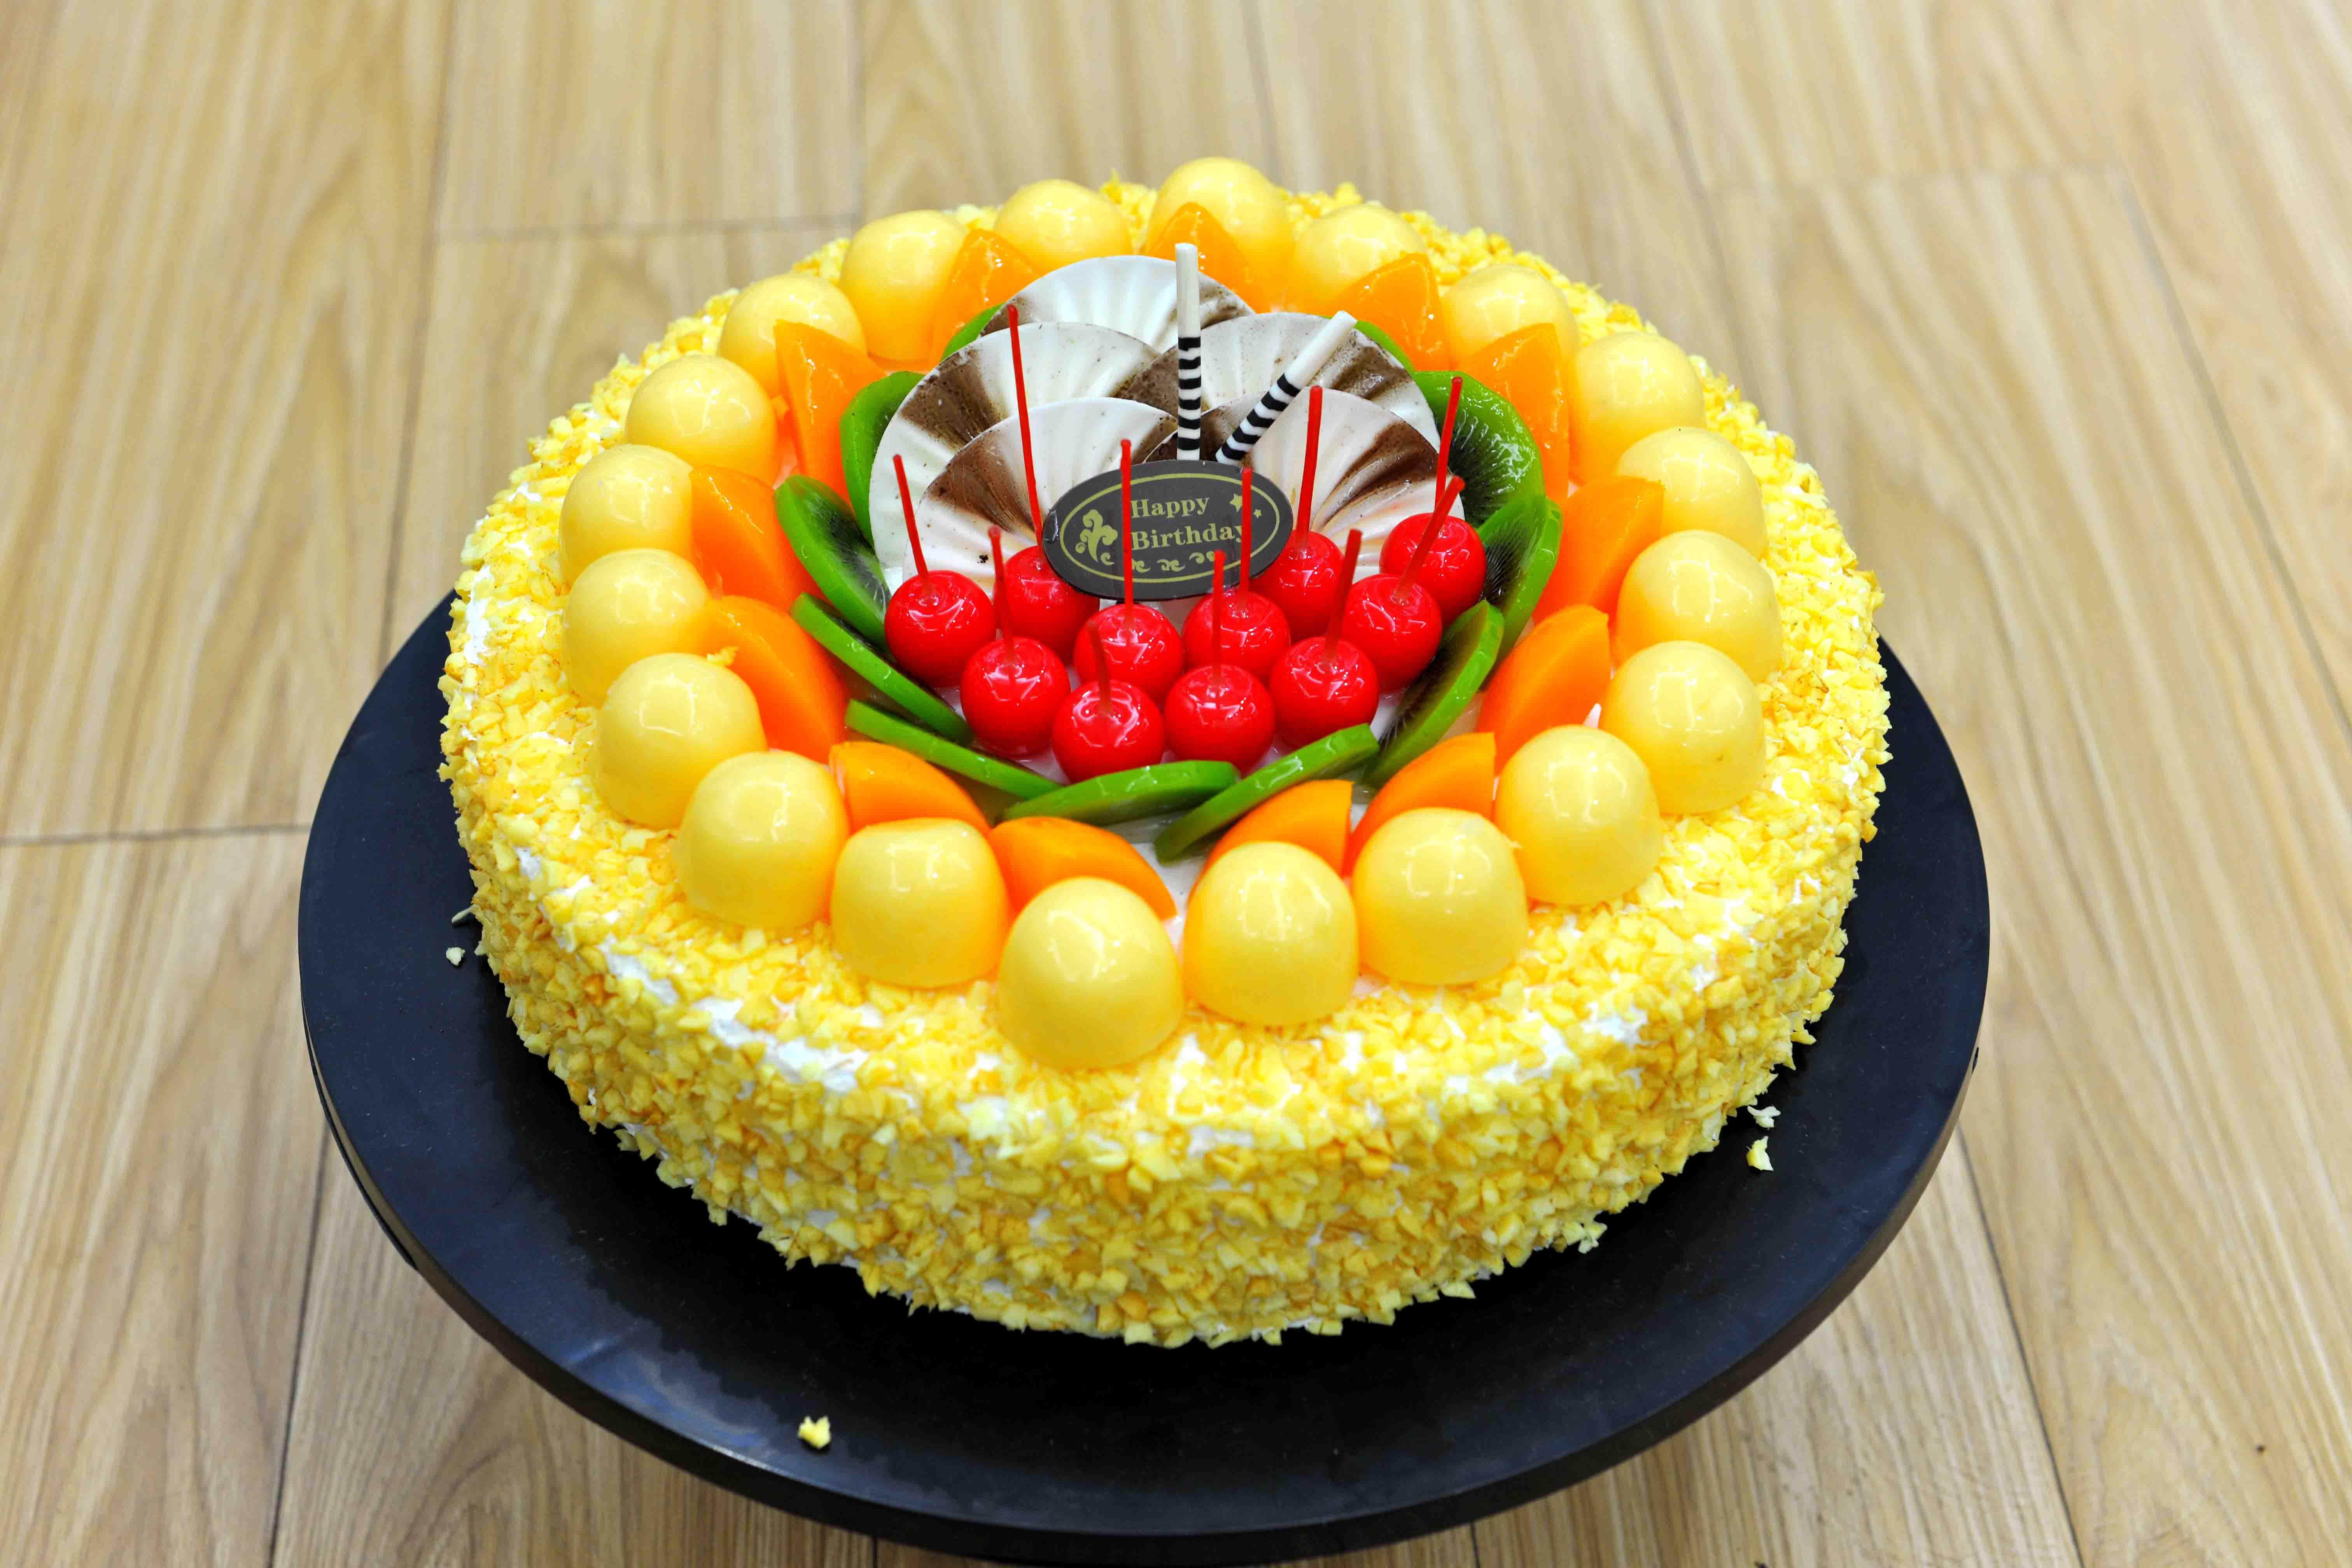 小女孩生日蛋糕图片_男孩蛋糕图片大全卡通_儿童卡通生日蛋糕图片